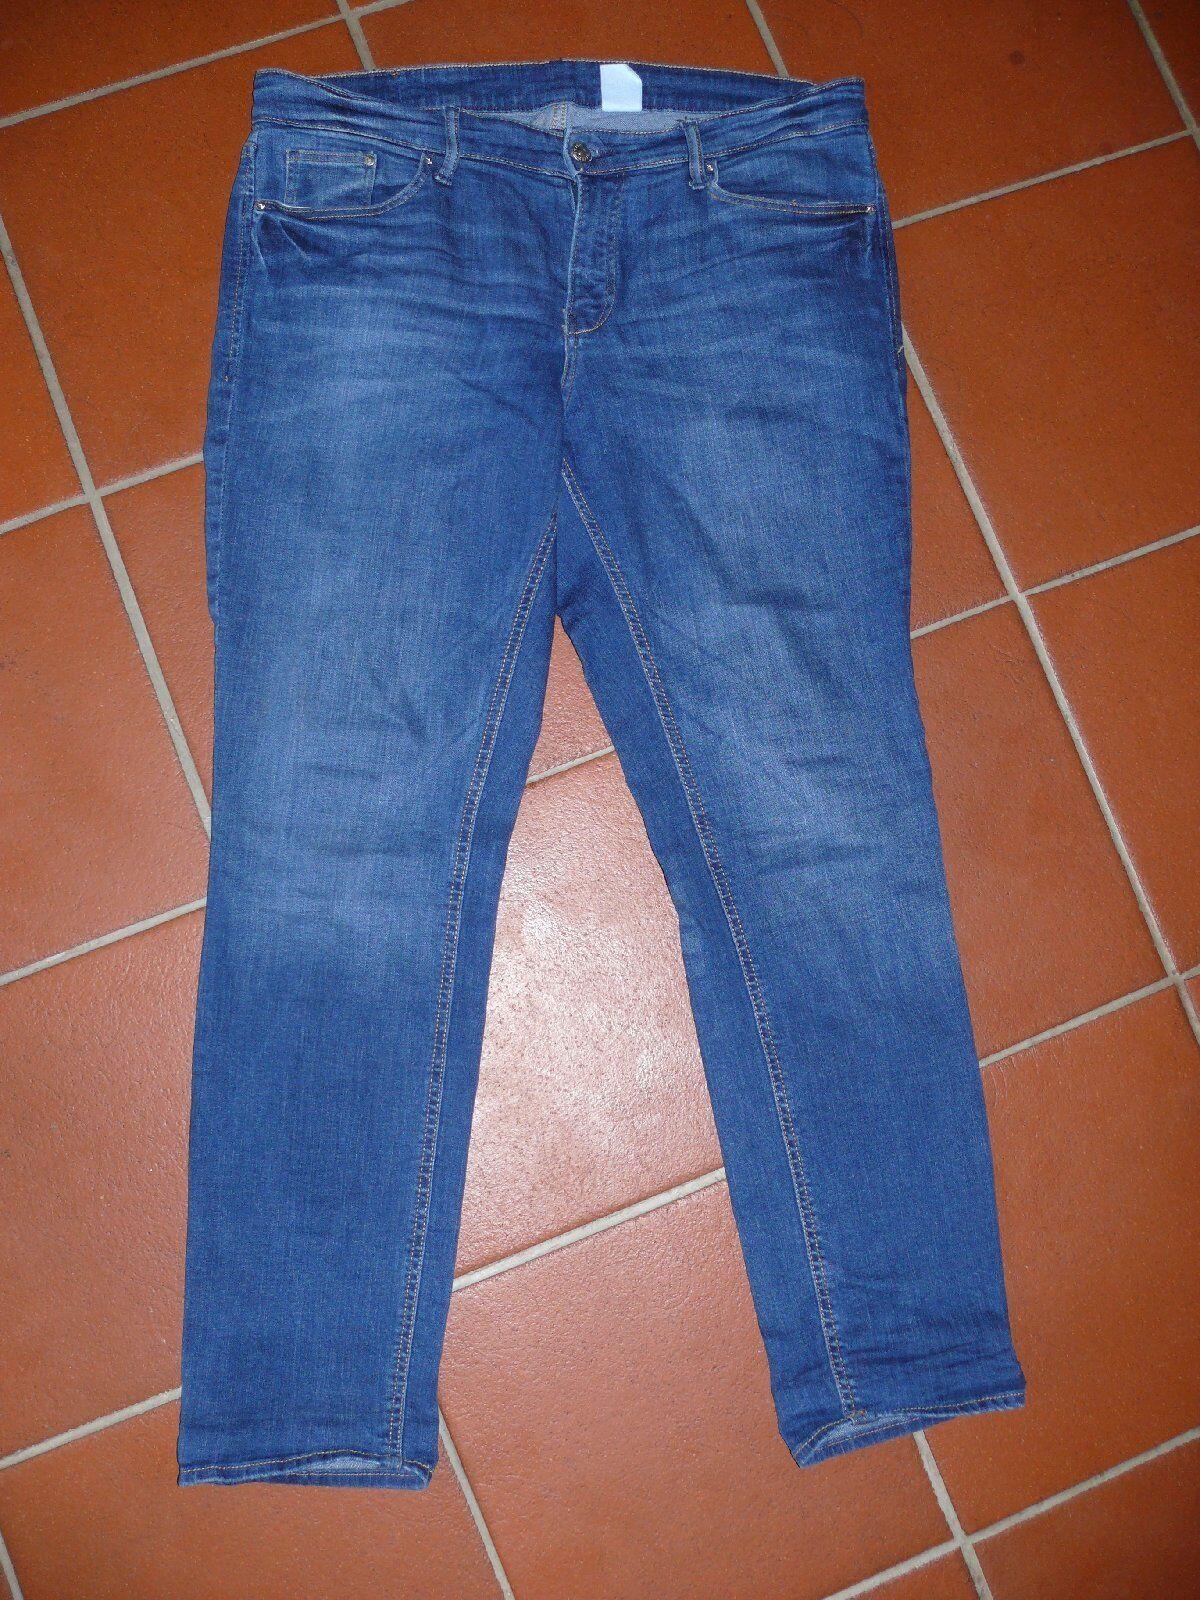 H&M Jeans Denim Dritto Girovita Regolare Tgl 48 48 48 Blu Medio 7e46f2